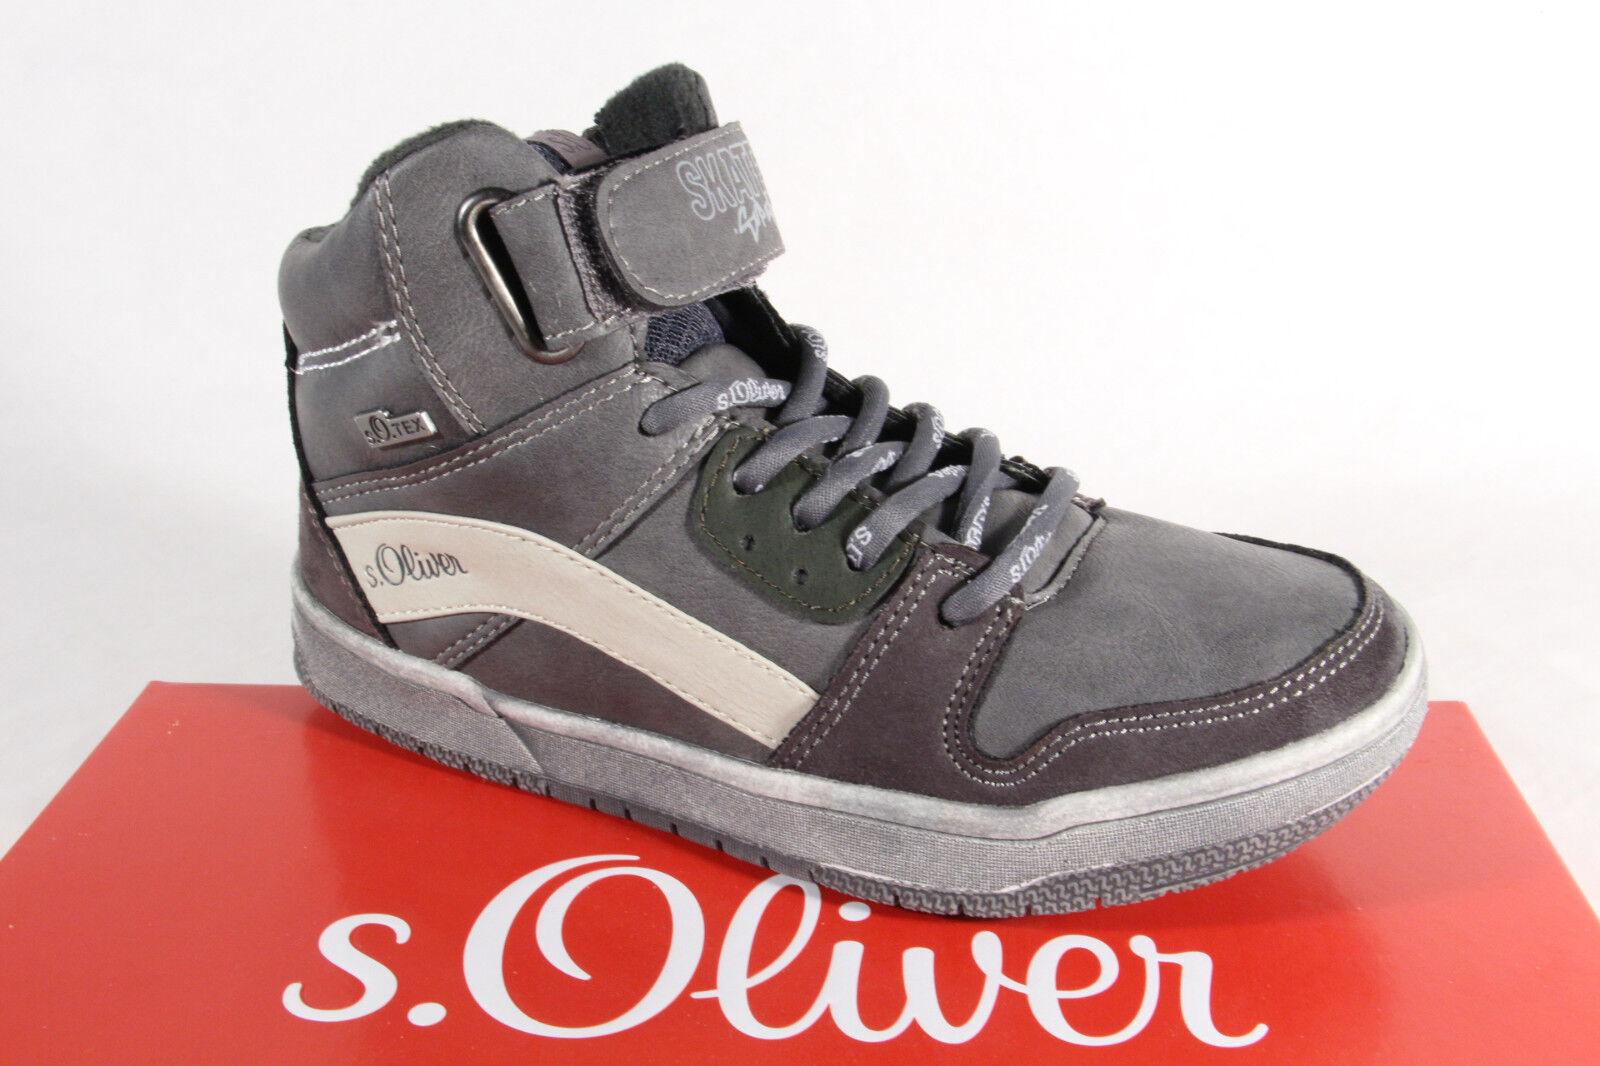 S.Oliver Knaben Tex Stiefel Stiefeletten Stiefel grau 45302 NEU